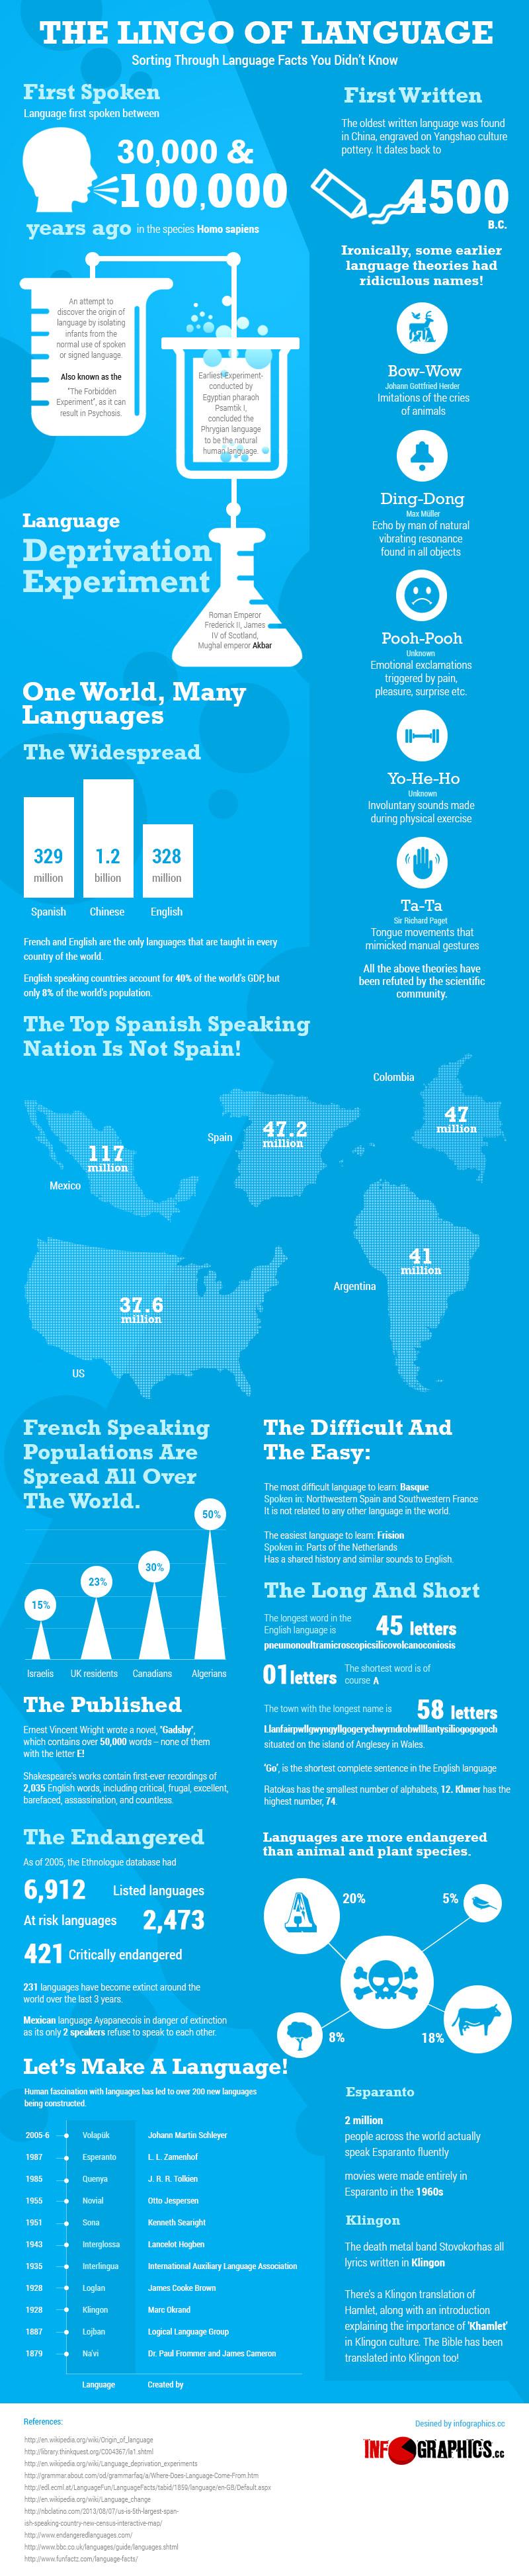 05 Lingo-of-Language